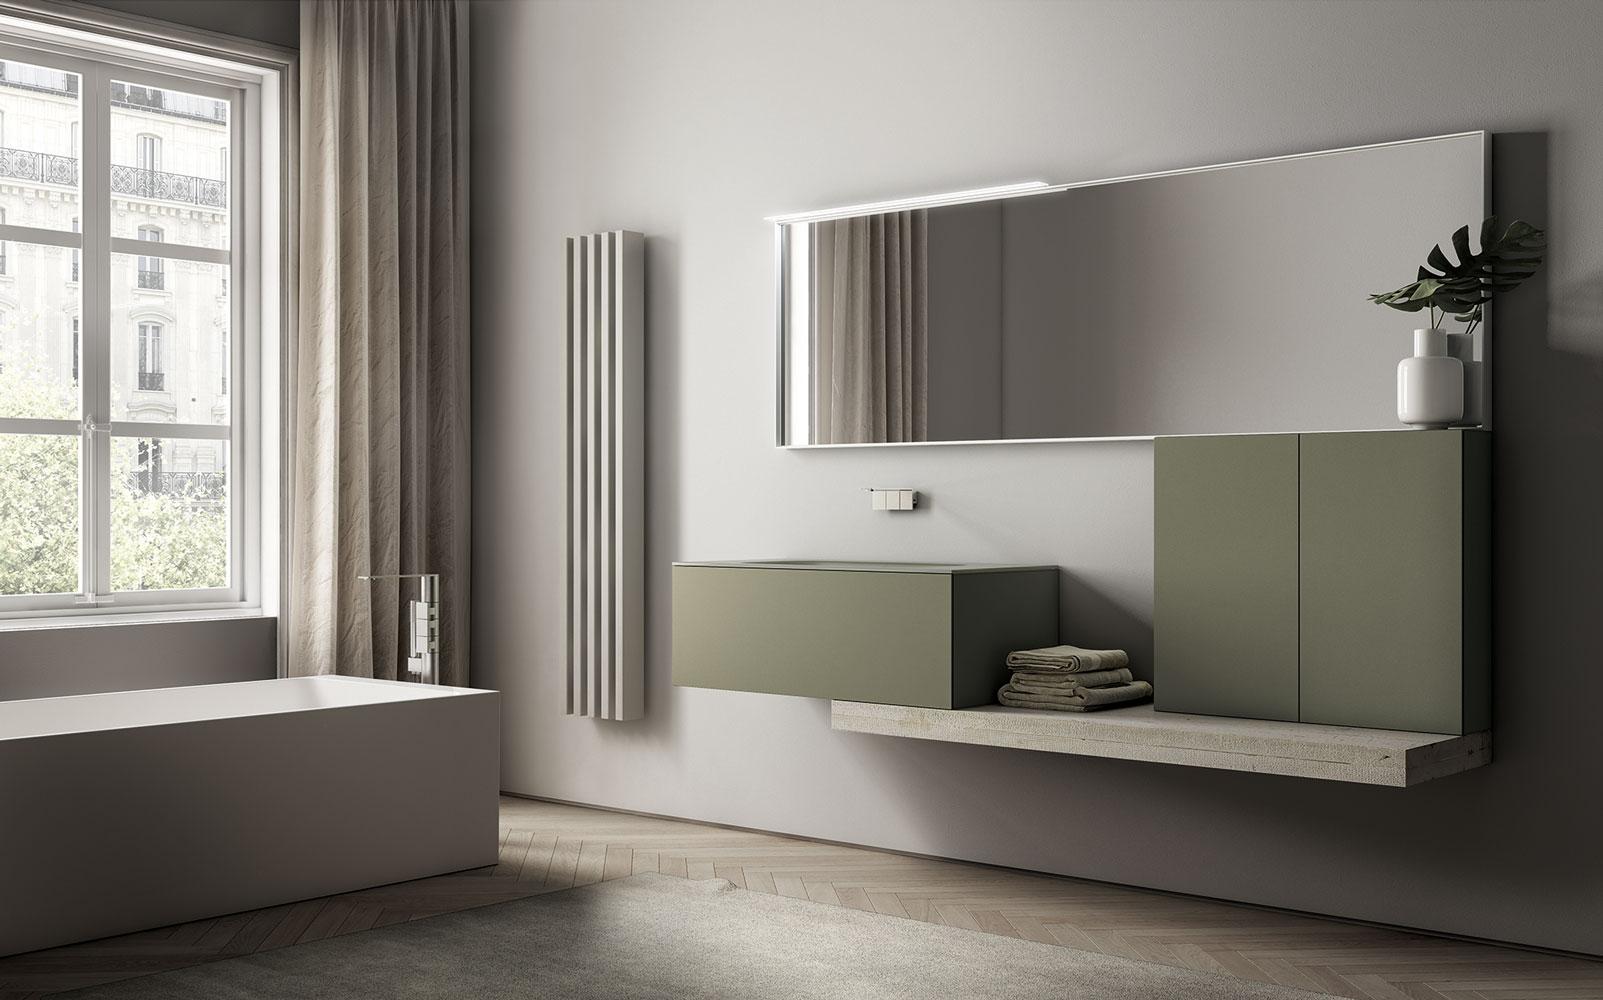 Verde salvia il colore arredamento del 2018 ideagroup blog for Idea casa mobili